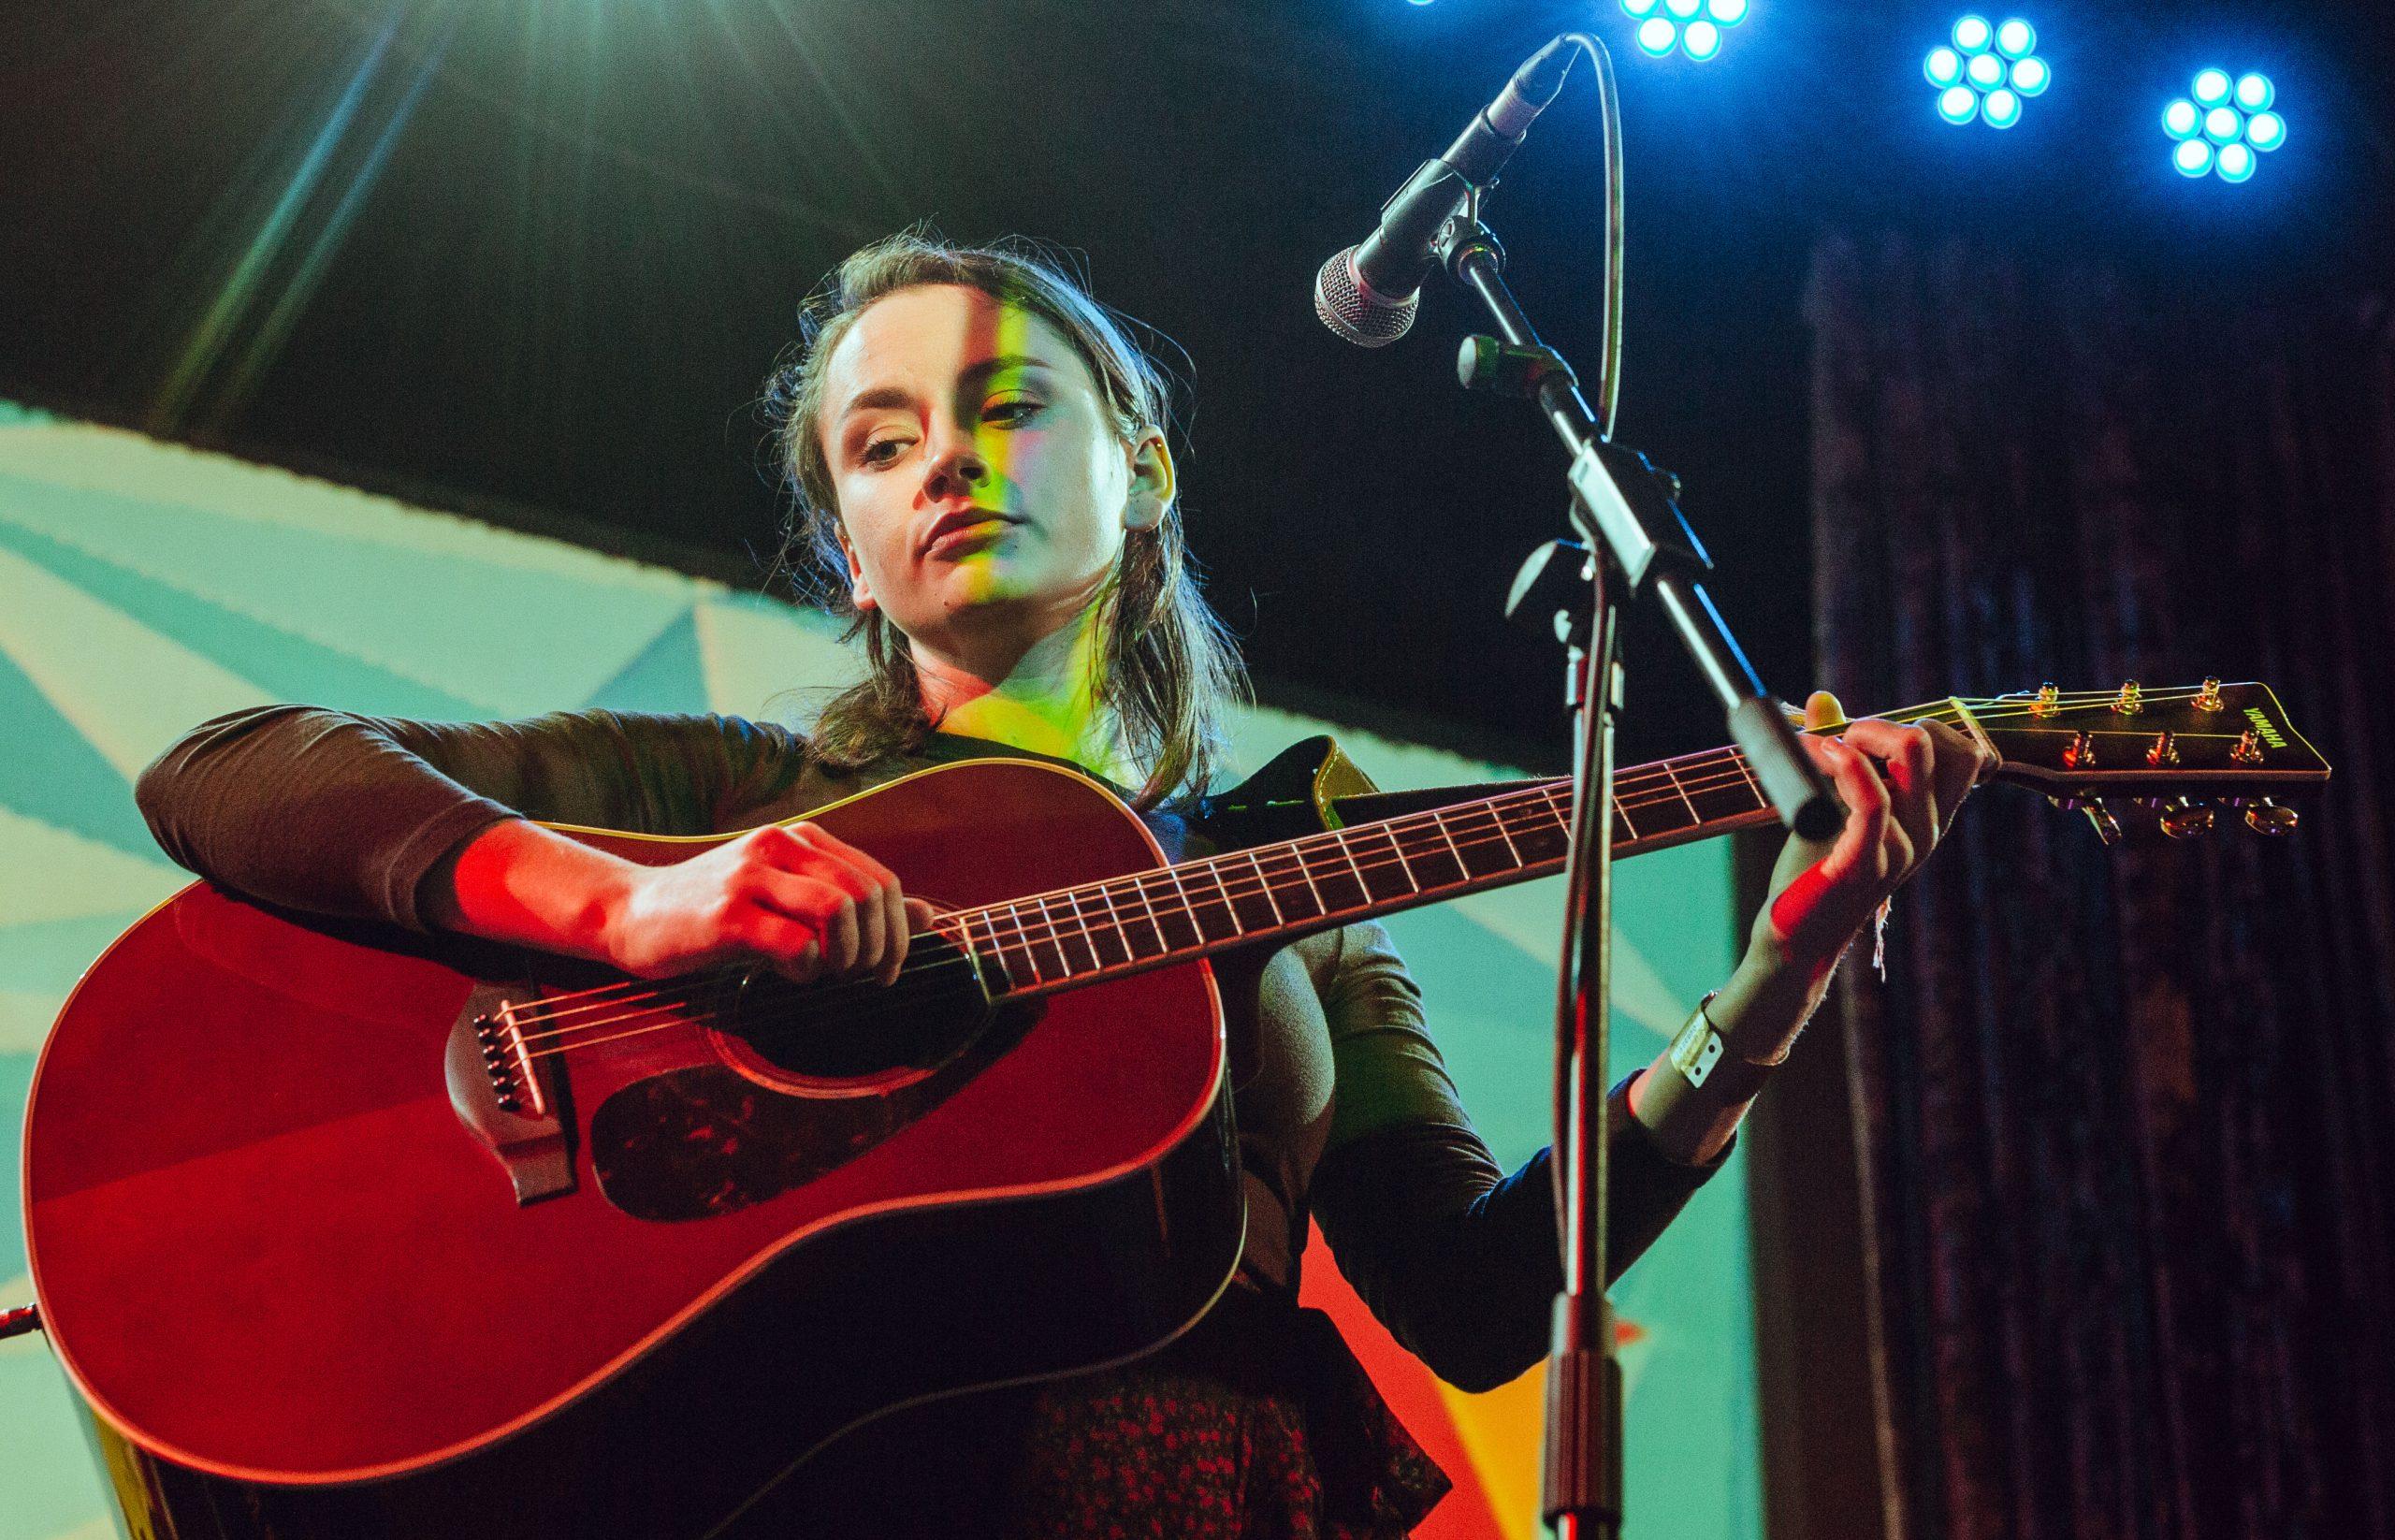 Matilda O'Mahony, First Fortnight, Kino, Cork, 11-01-20-3